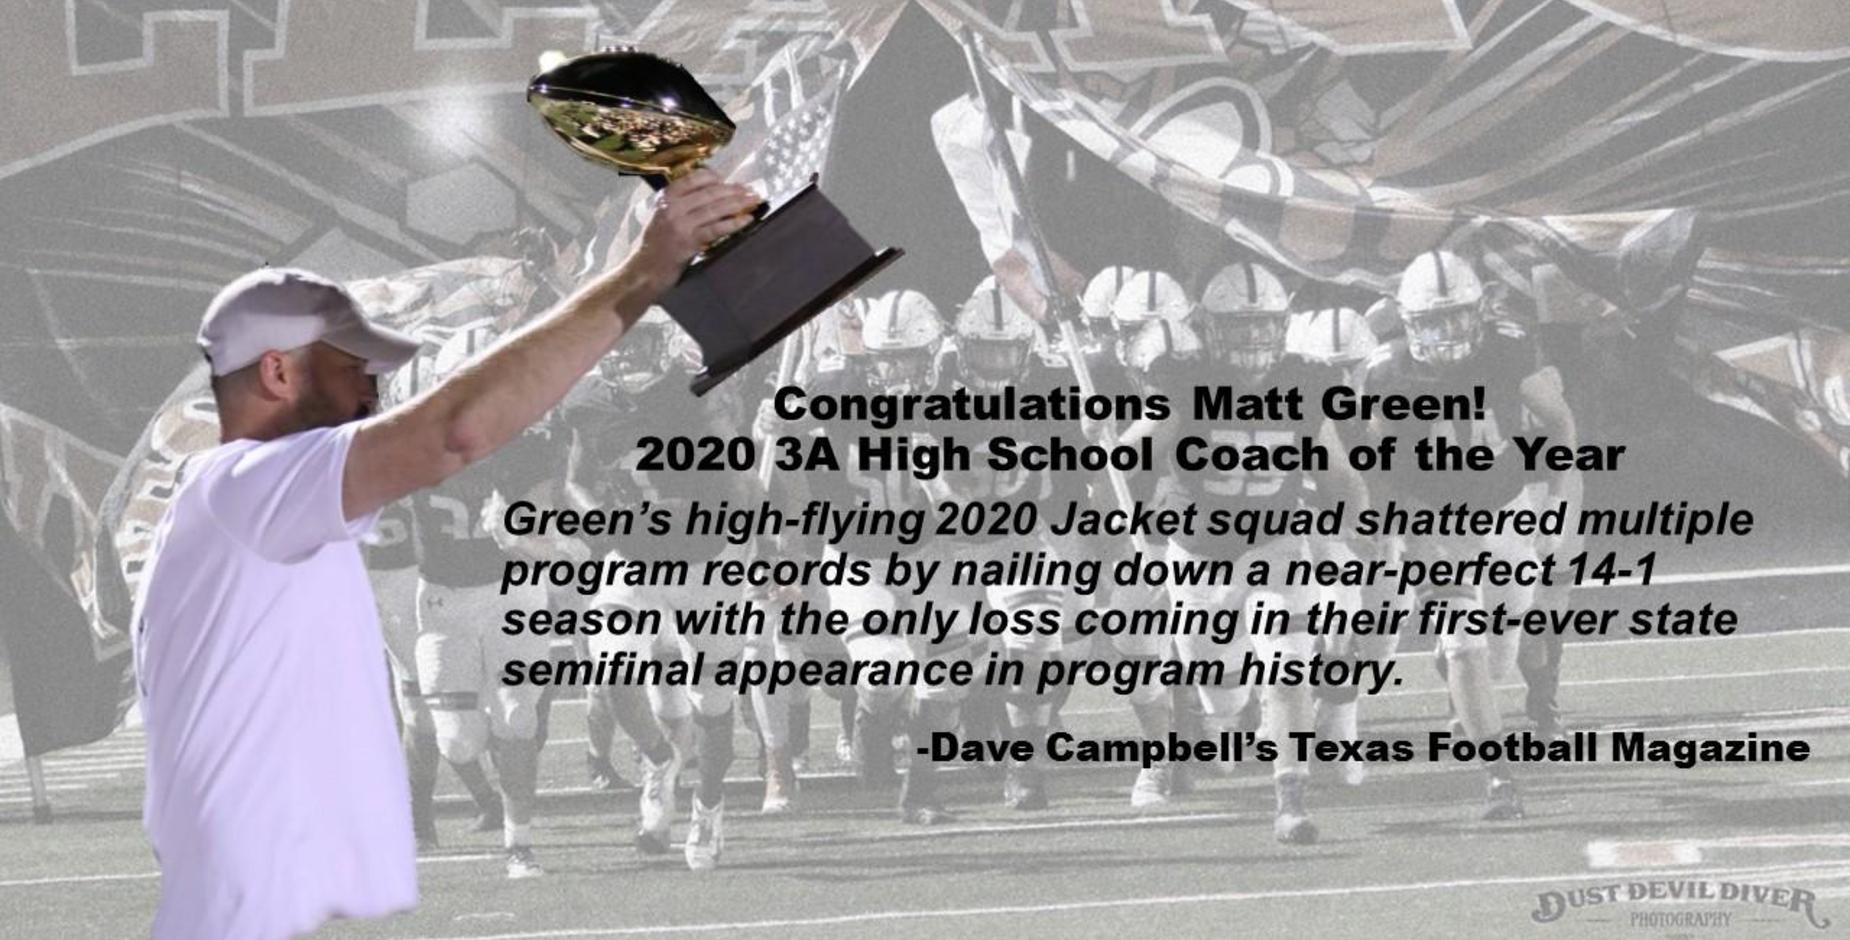 Congrats Coach Green